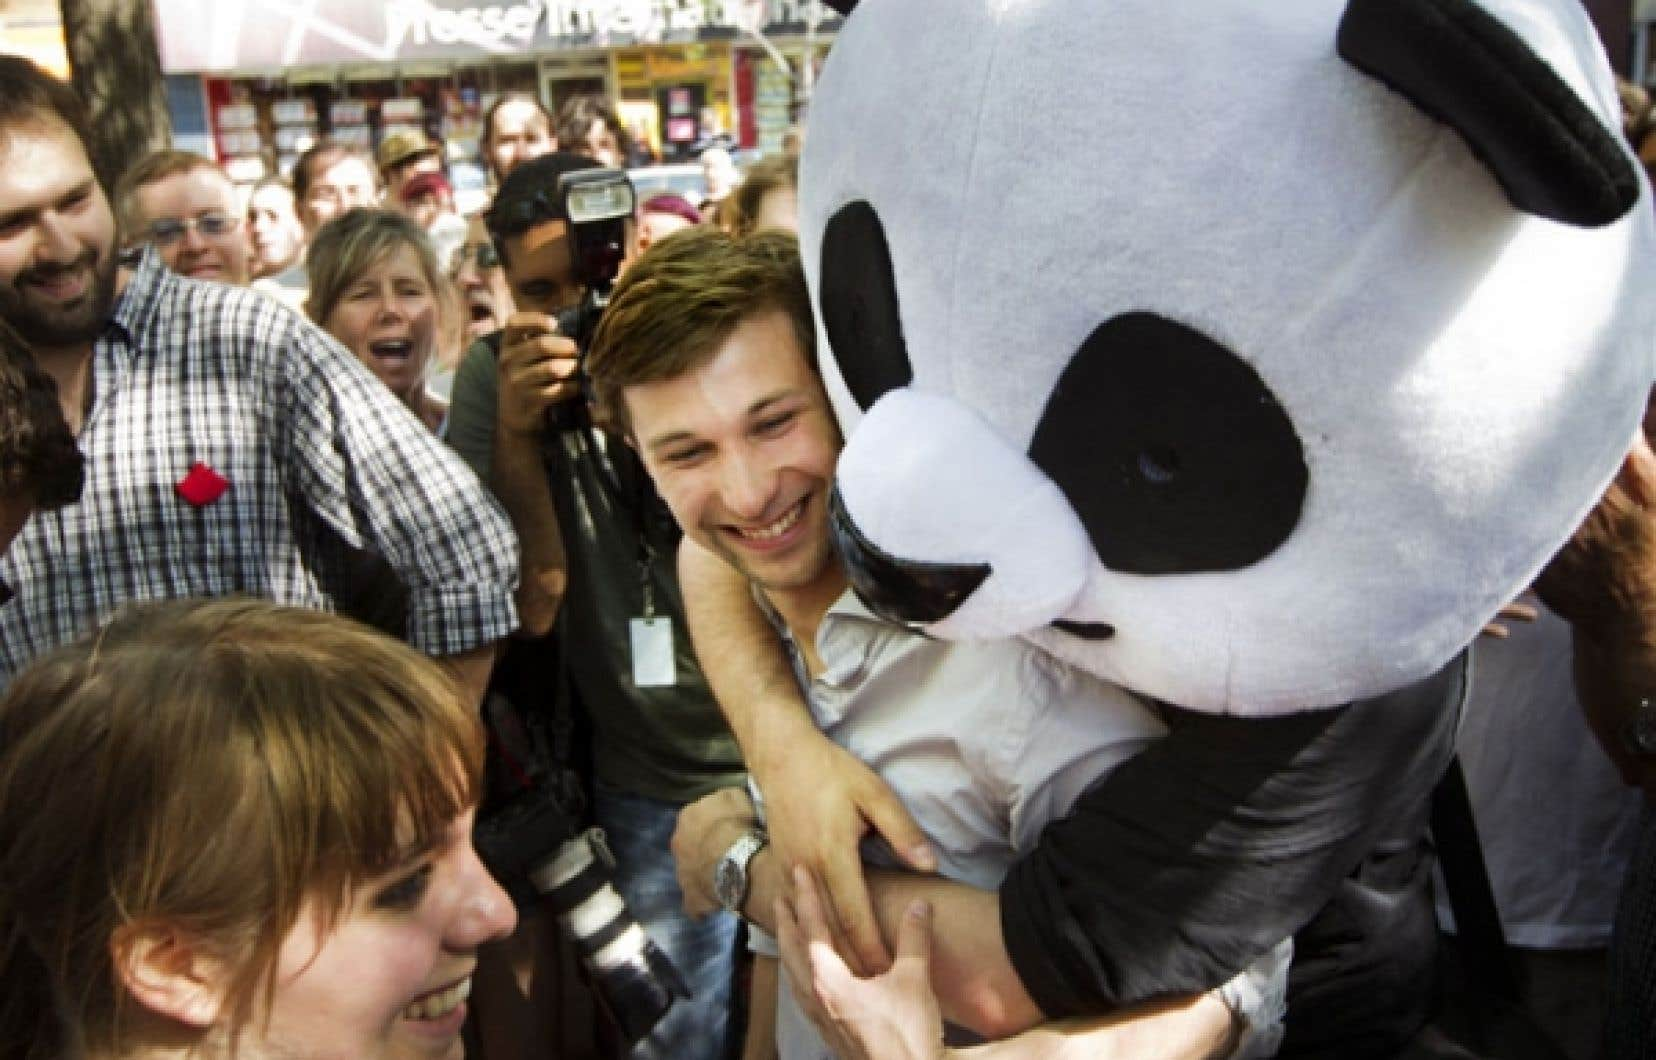 <div> Depuis quelques semaines, une mascotte de panda est aux premi&egrave;res lignes des manifestations. Anachronique, ce c&acirc;linours bicolore suscite une improbable vague de sympathie.</div>